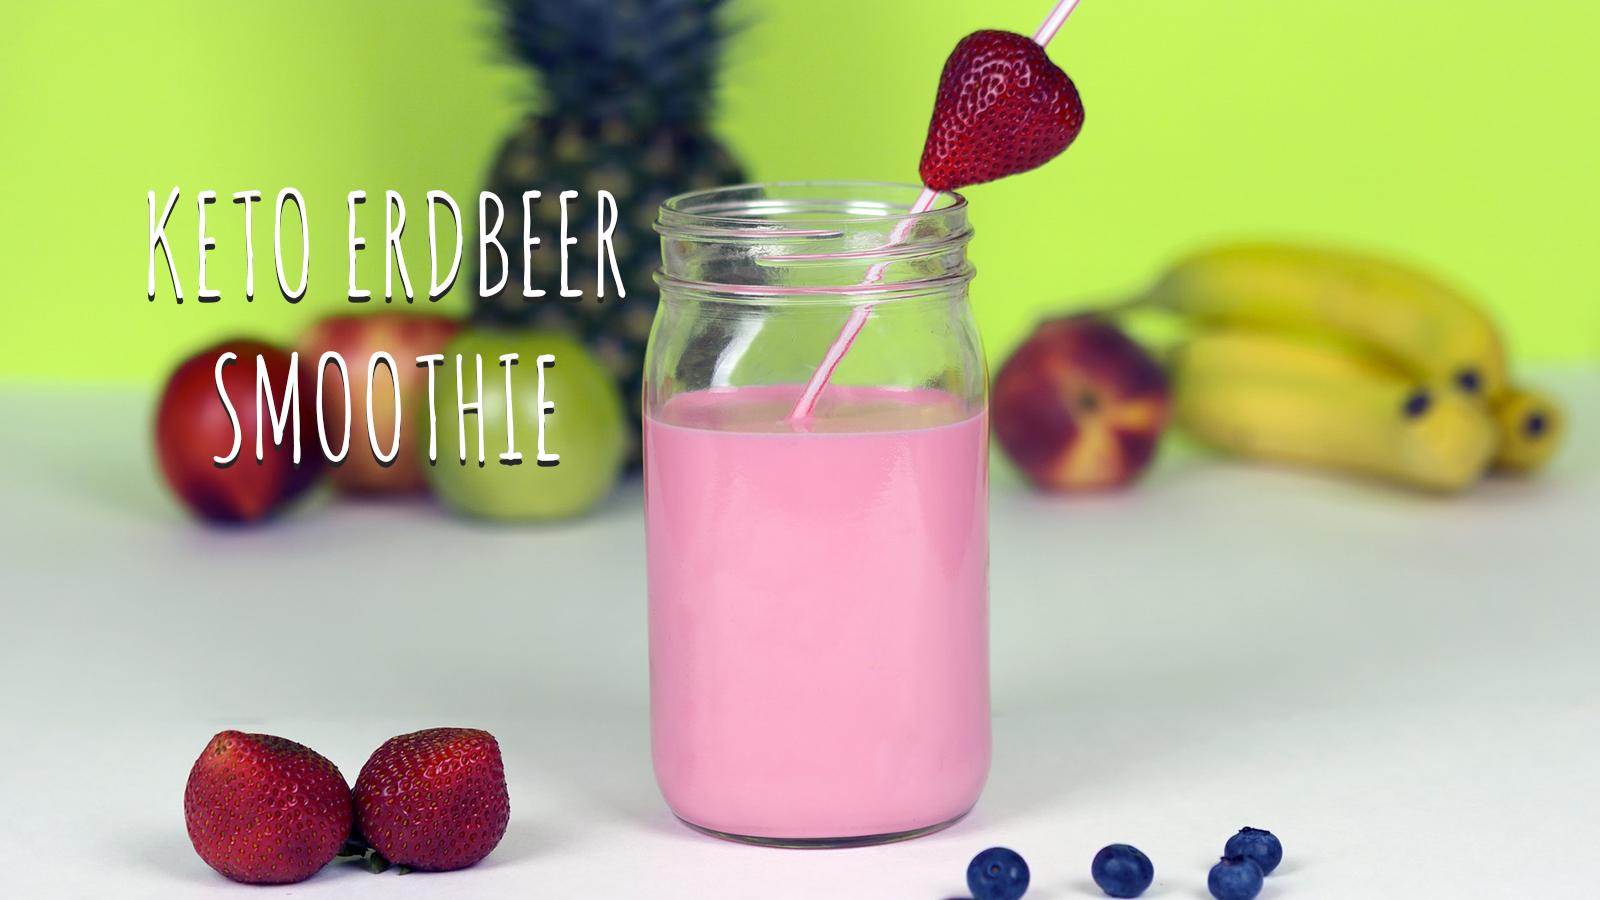 Keto-Erdbeer-Smoothie